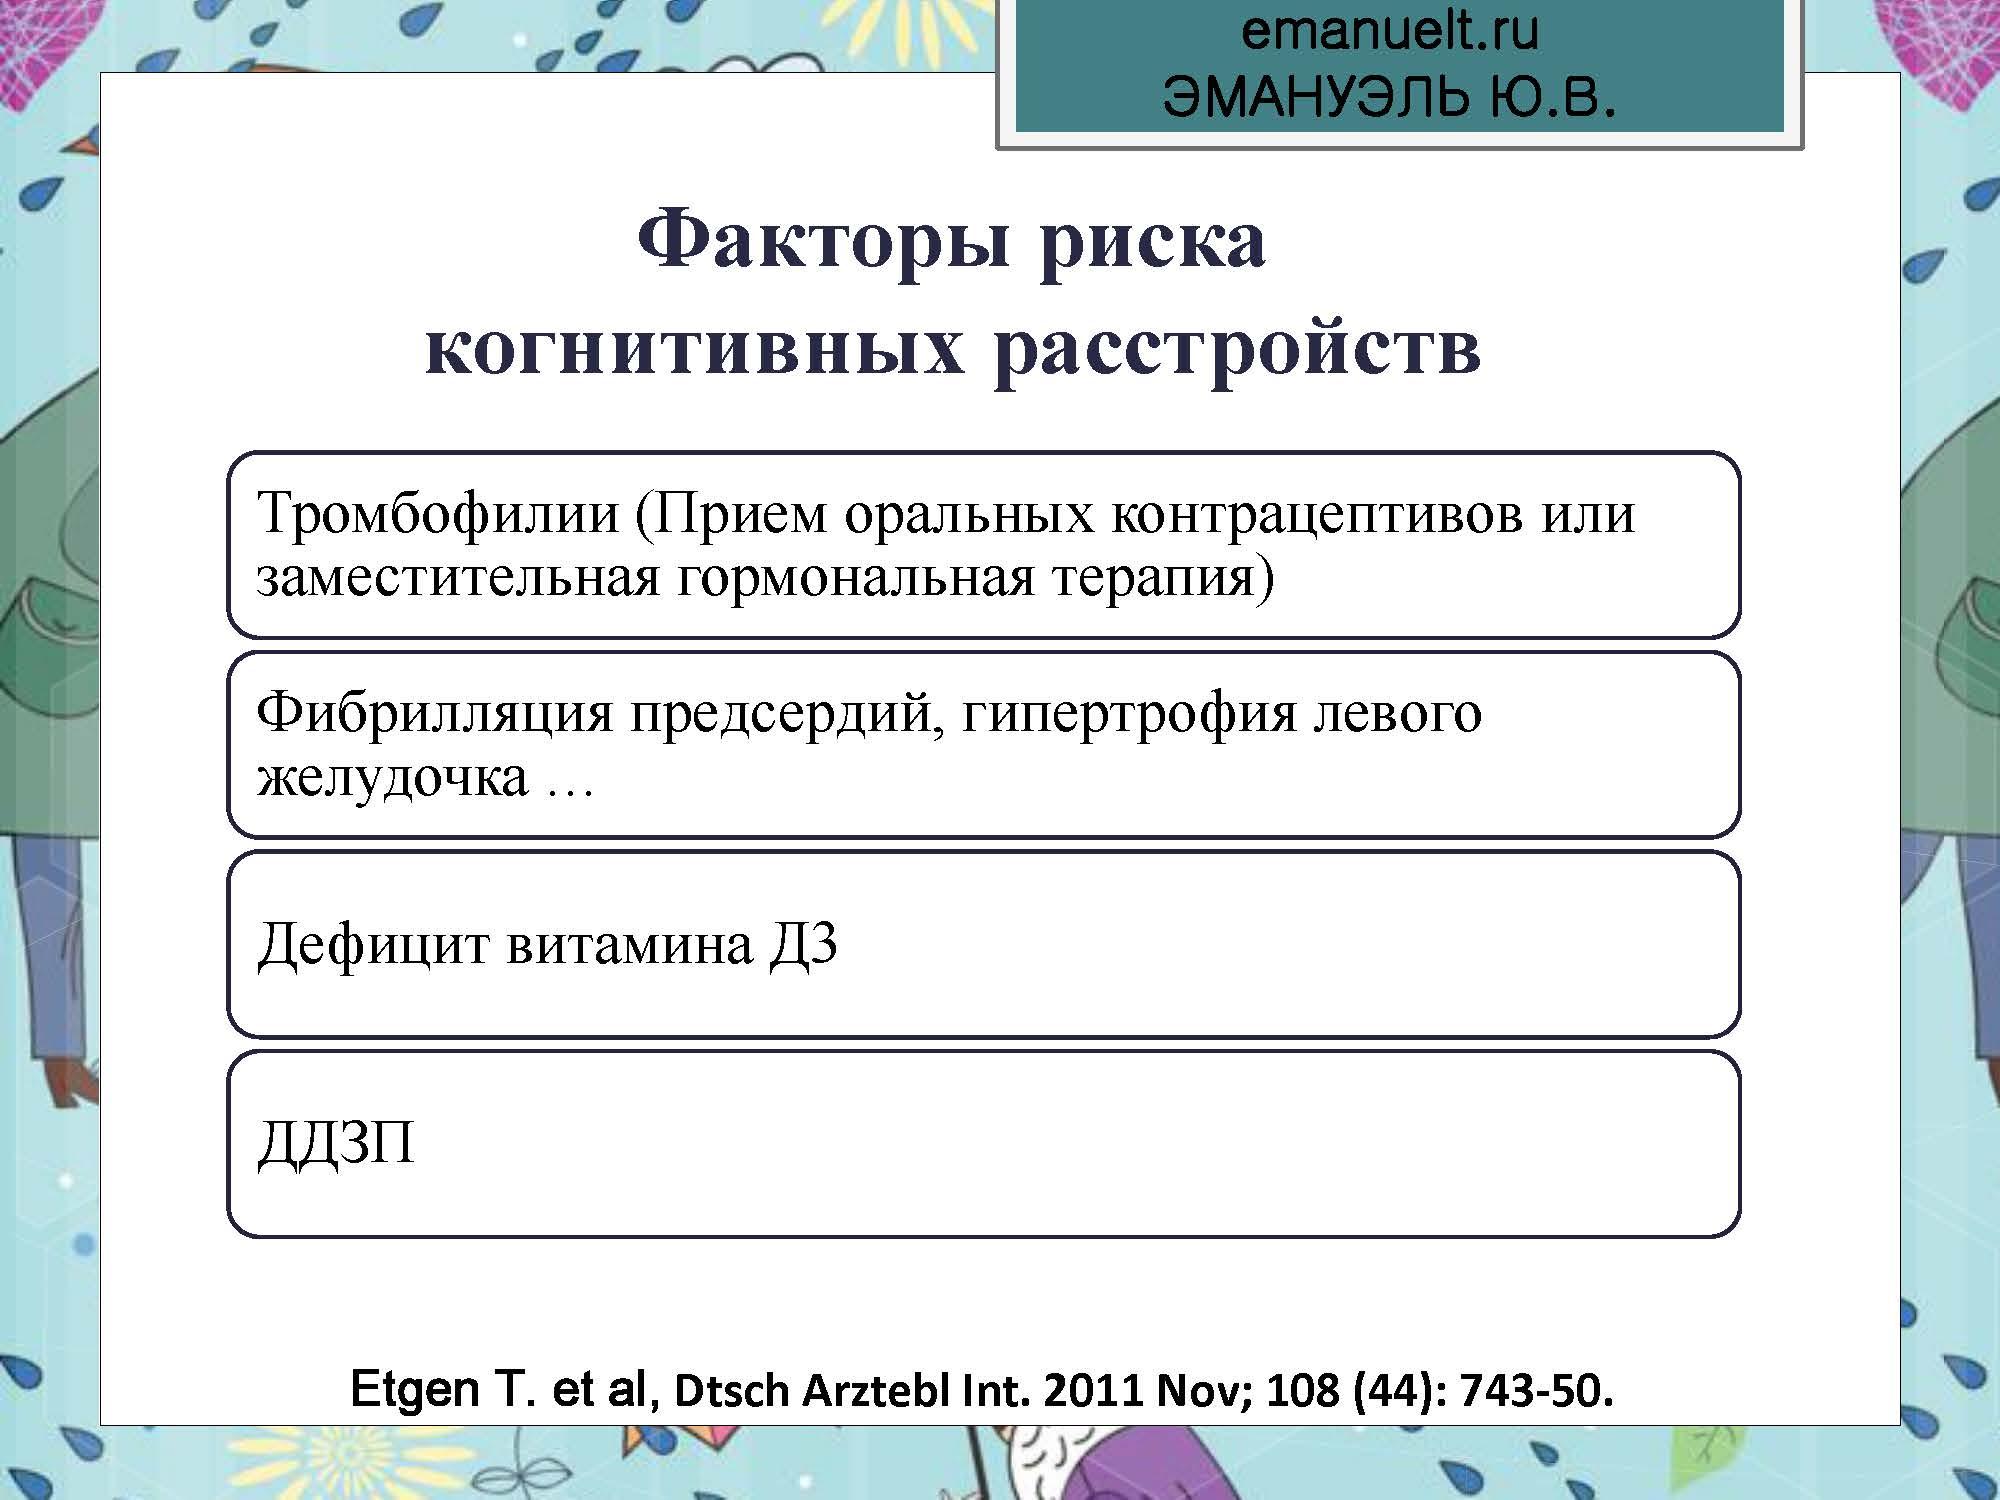 Секция 8. ЭЮВ. СПбГМУ.  26.03_Страница_22